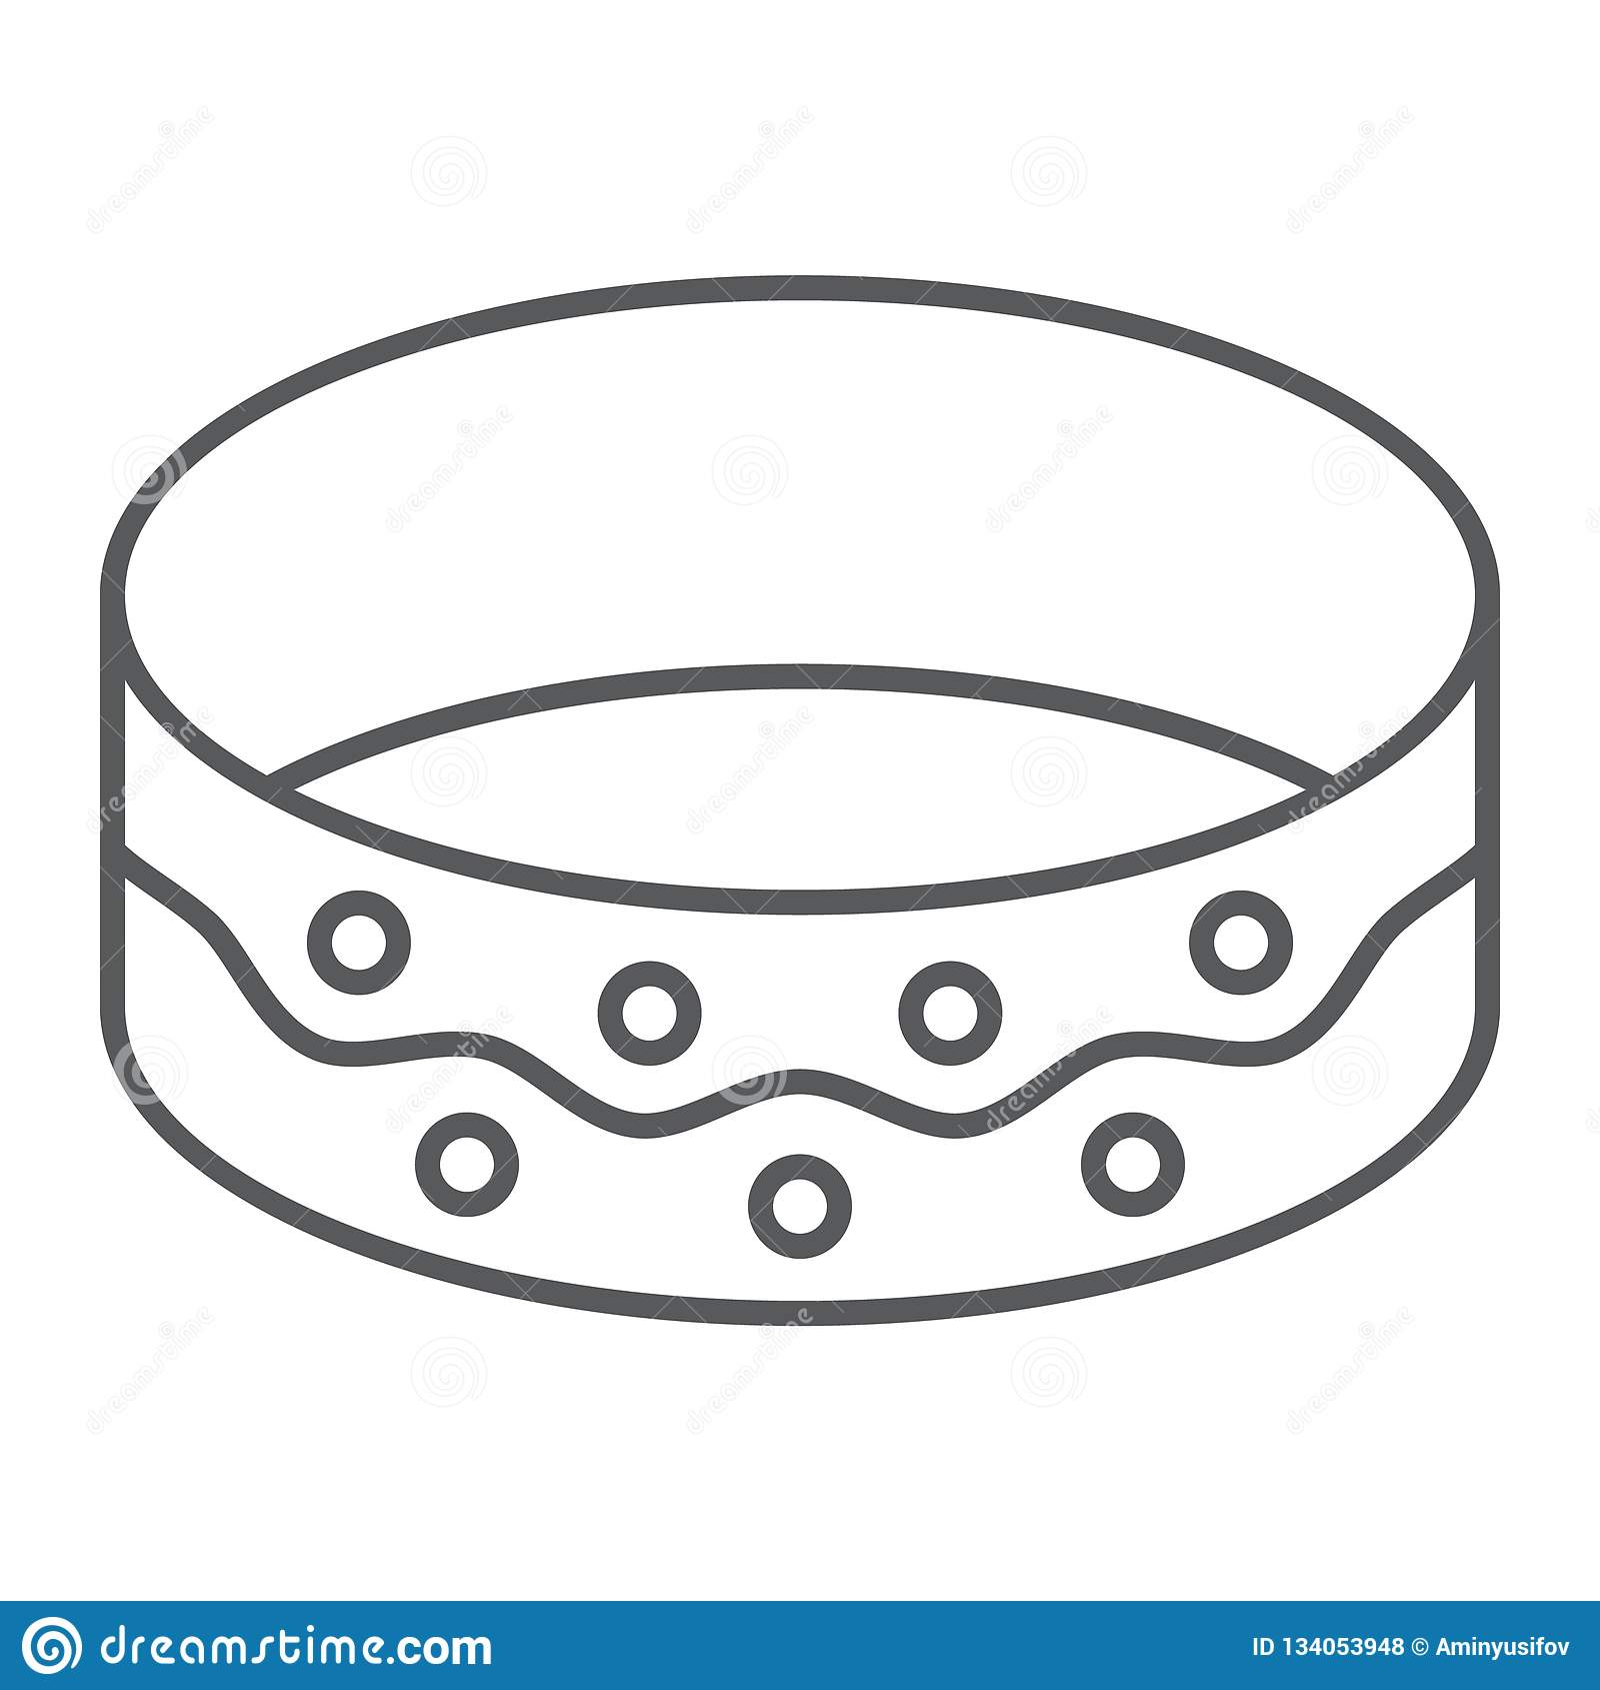 Bransoletki cienka kreskowa ikona, jewellery i akcesorium, bangle znak, wektorowe grafika, liniowy wzór na białym tle